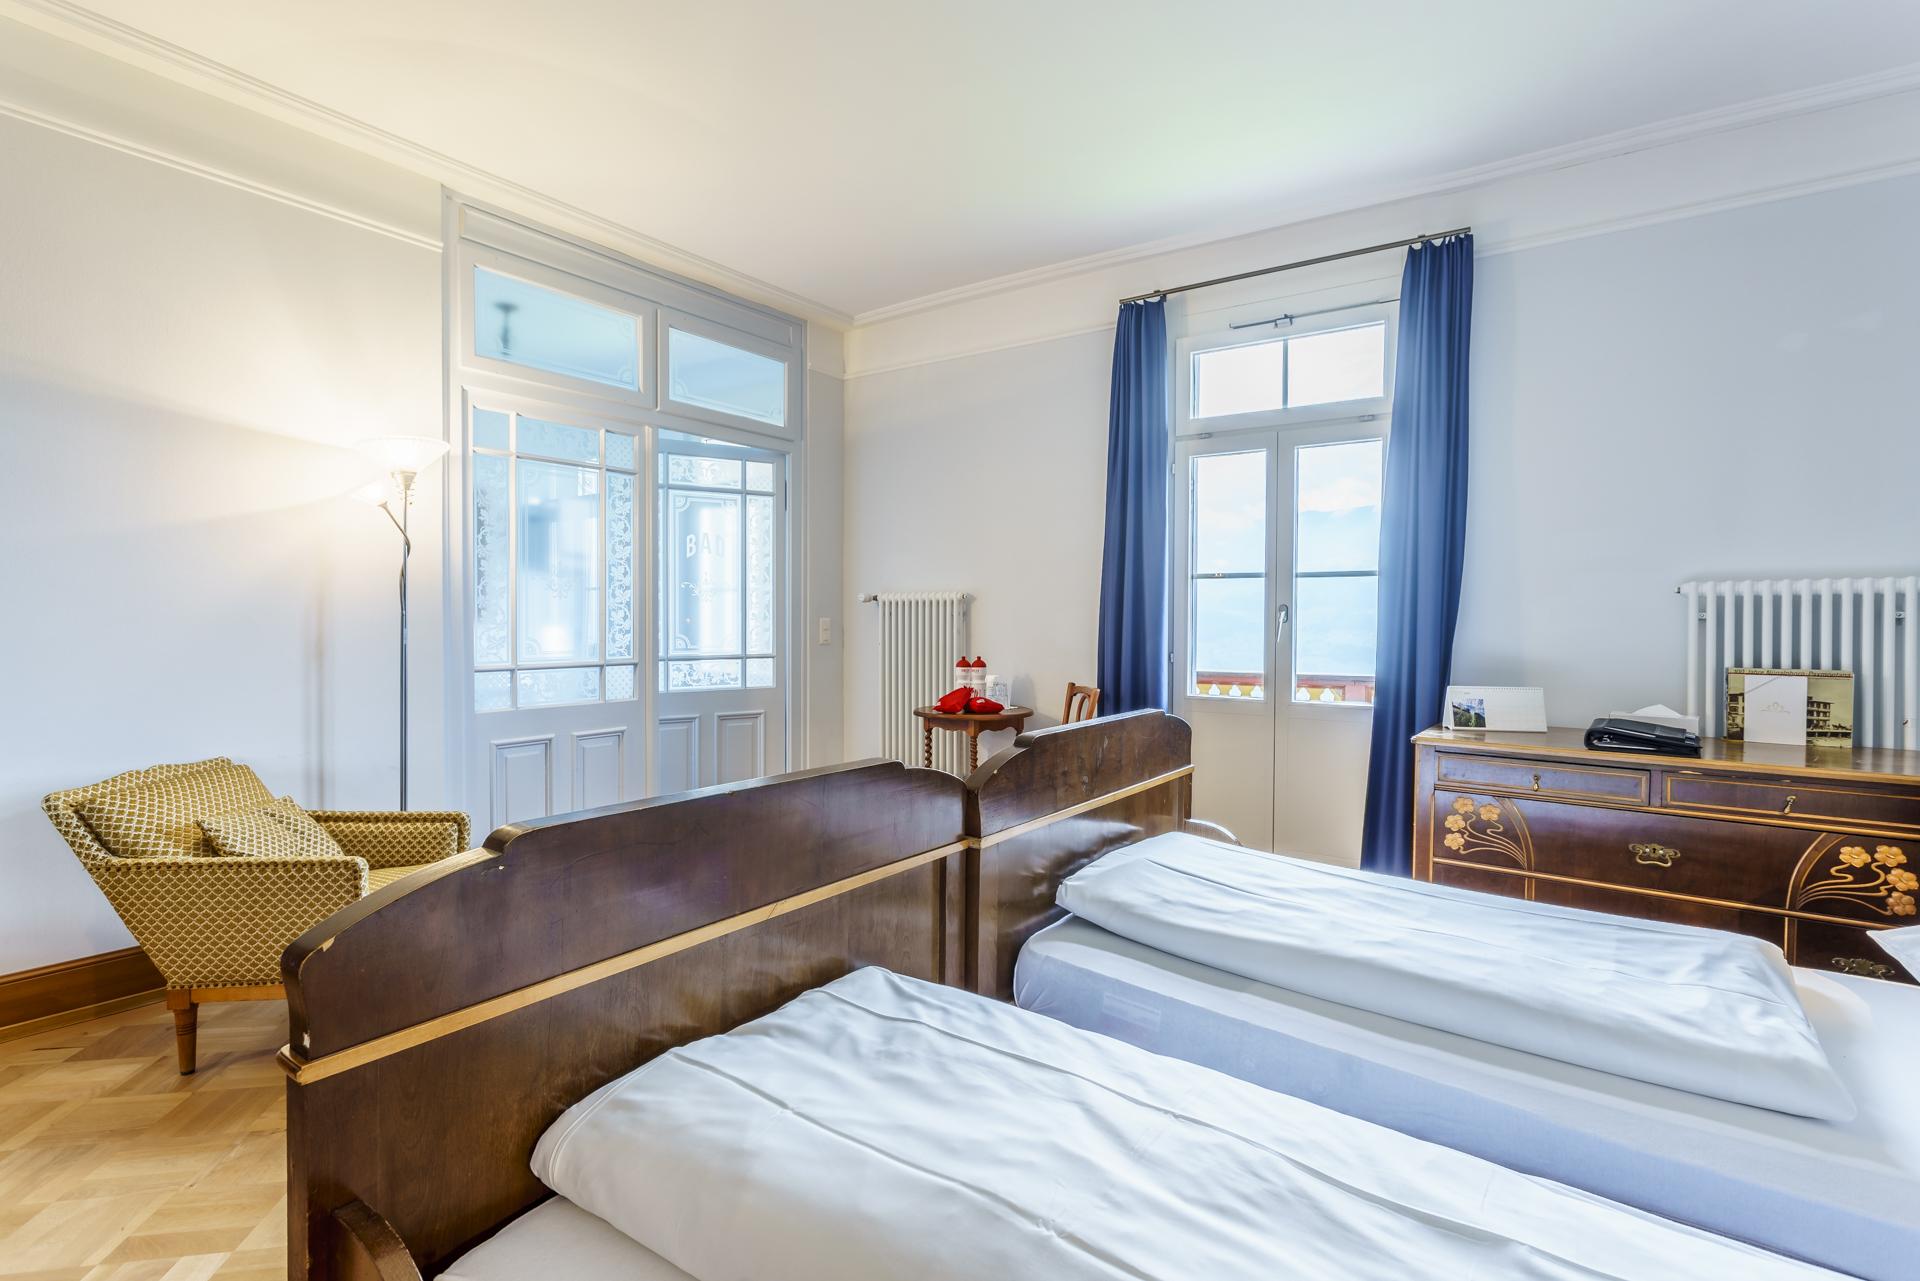 Hotel-Paxmontana-Historische-Zimmer